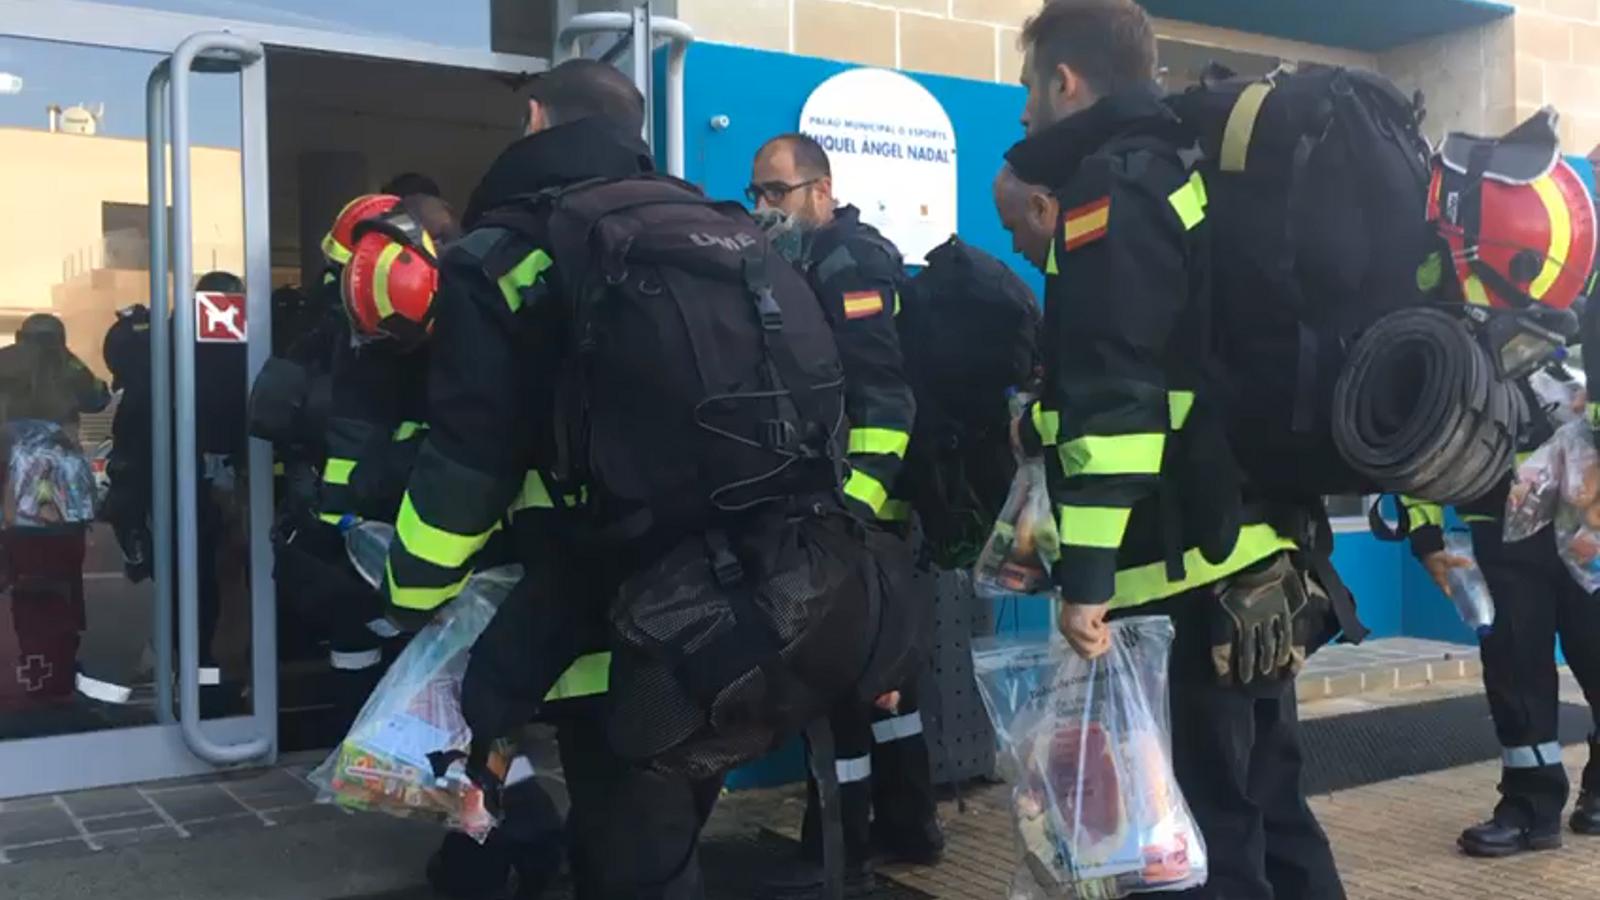 Milers de mallorquins esperen avui l'ajuda de l'exèrcit a les zones afectades